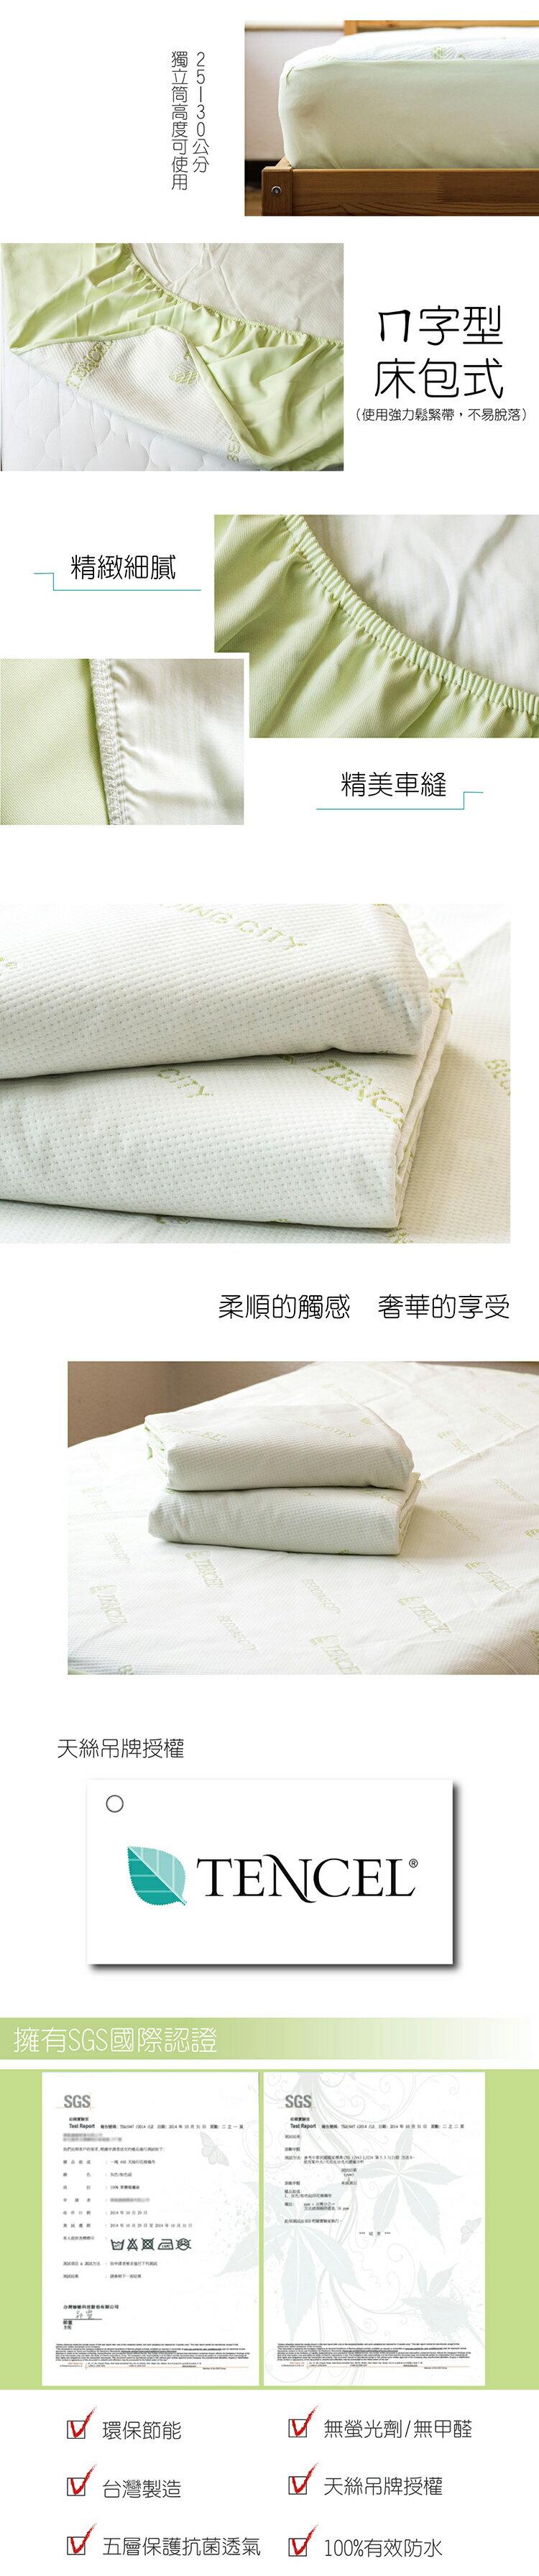 雙人保潔墊/防水/防螨 「3M天絲床包式保潔墊」5層防護、100%天絲、細緻棉柔、台灣製 # 寢國寢城 4